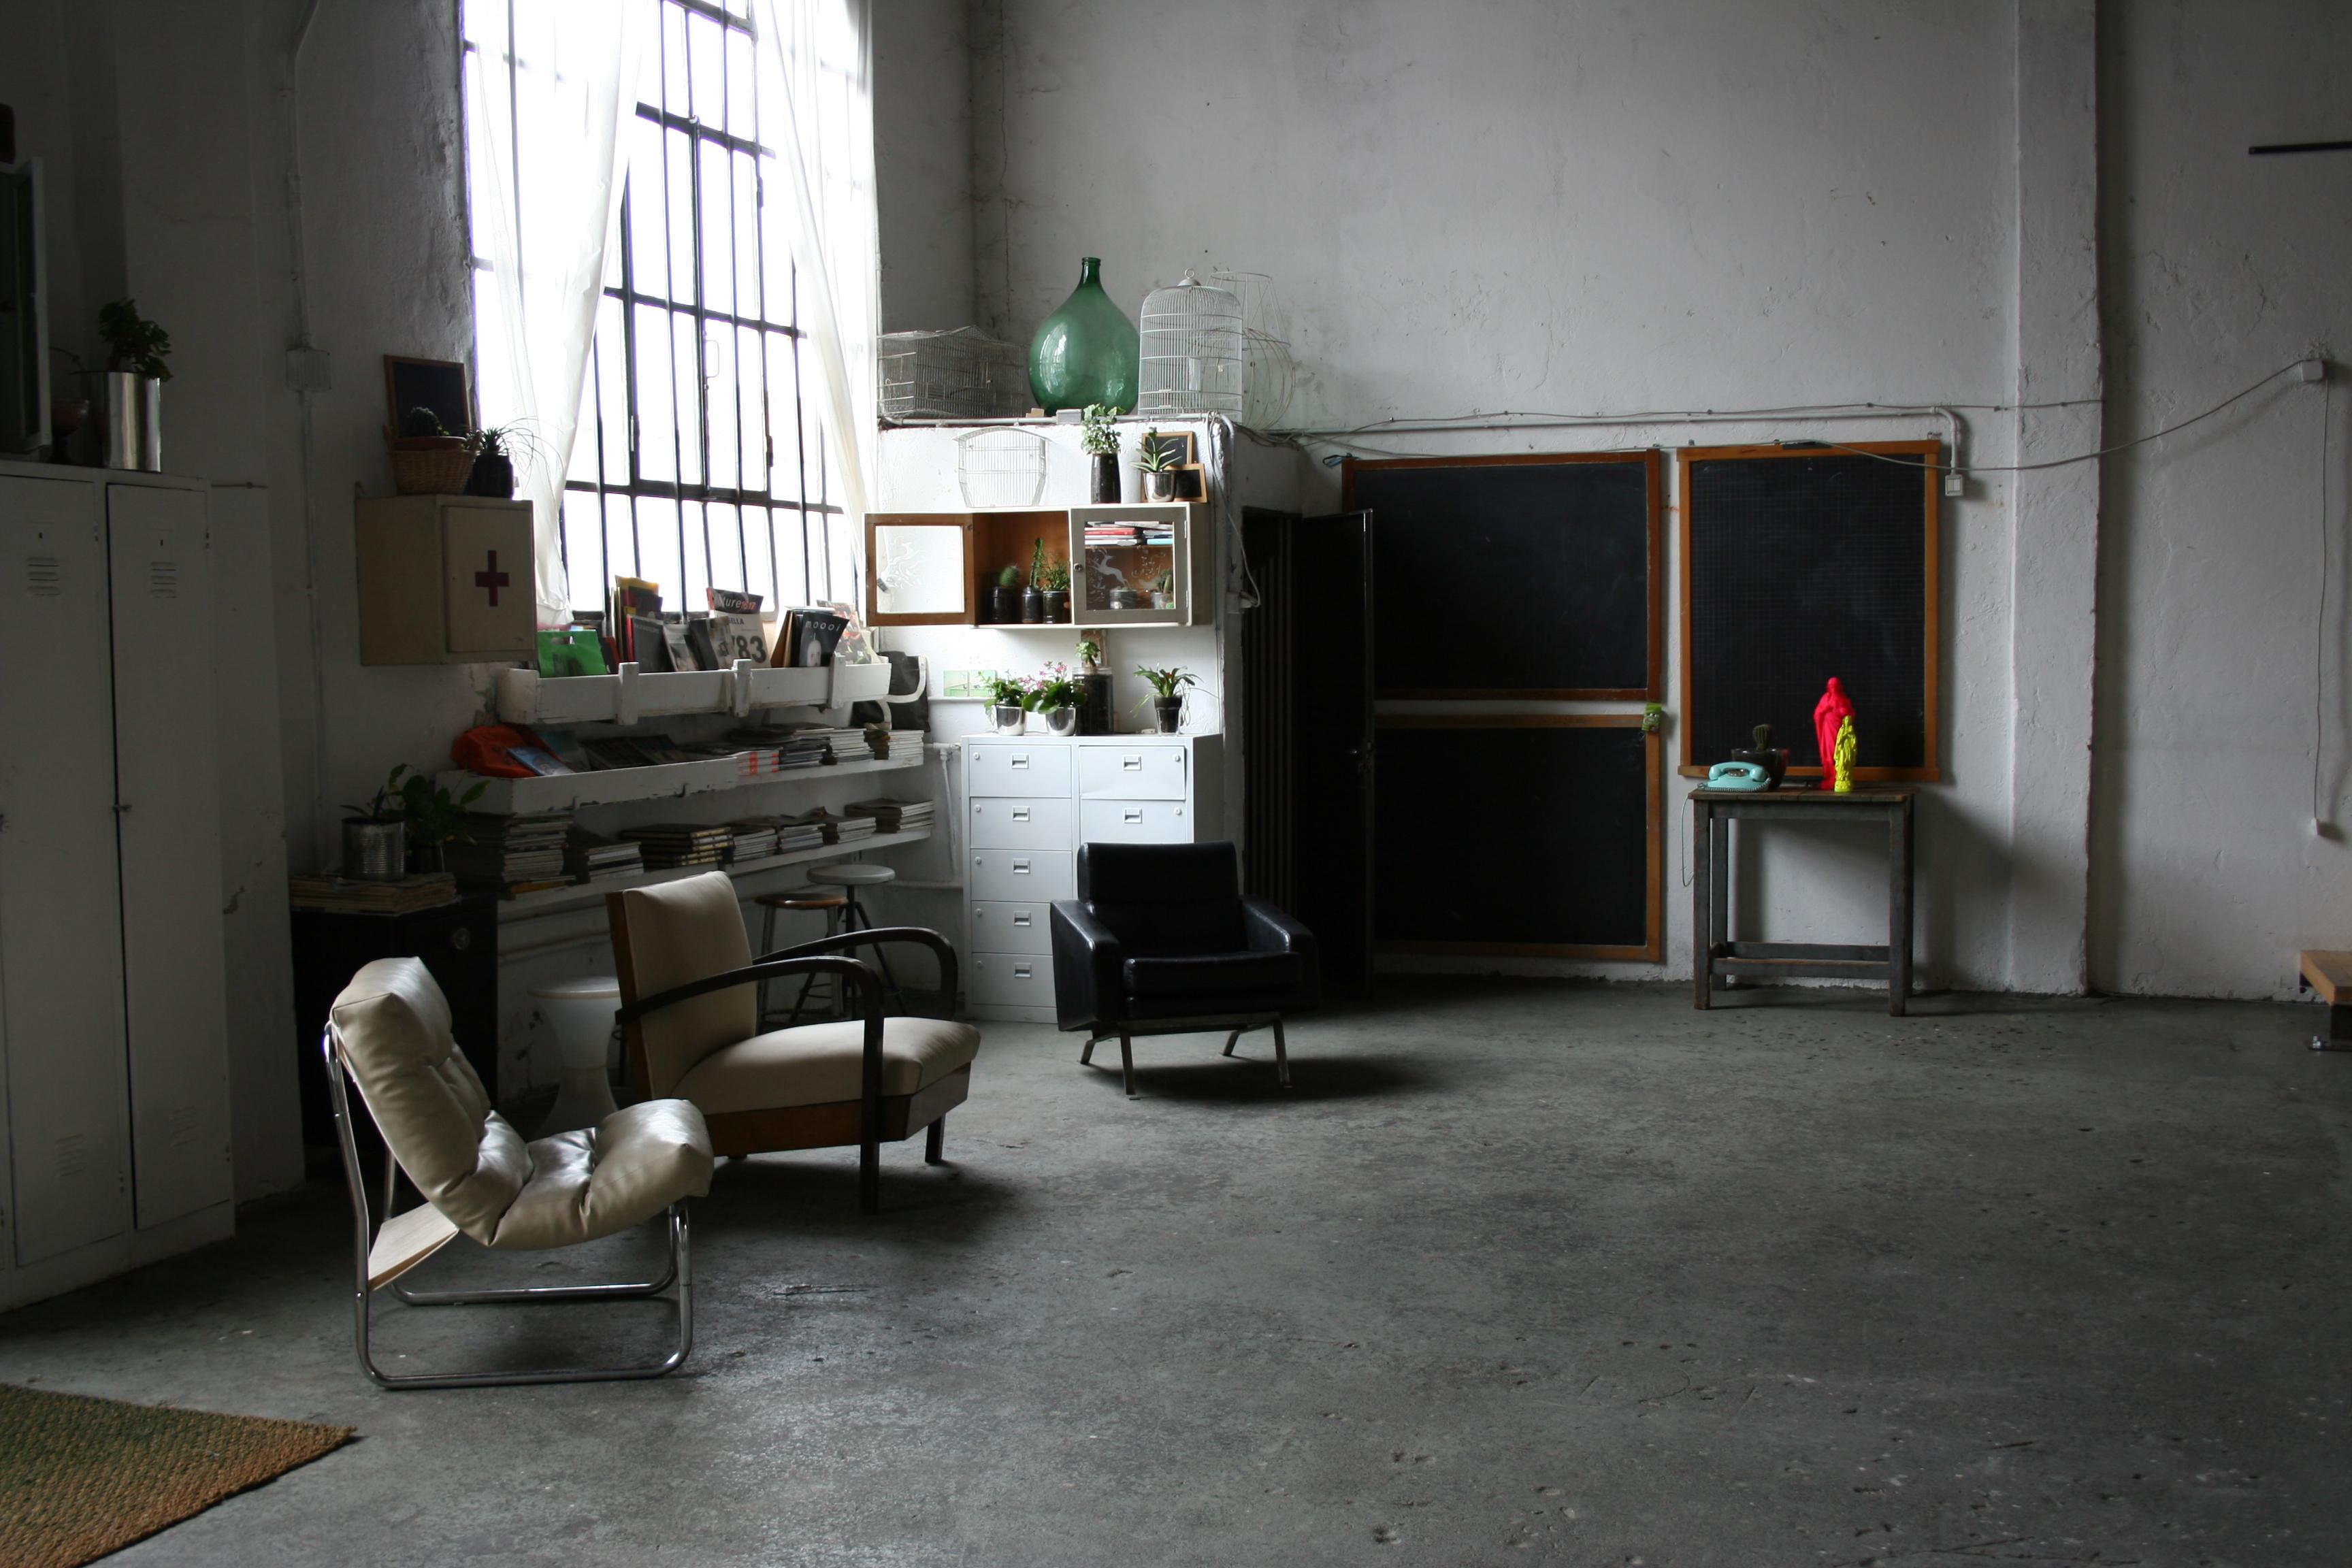 Affittasi location studio corte 17 miragu for Affittasi studio